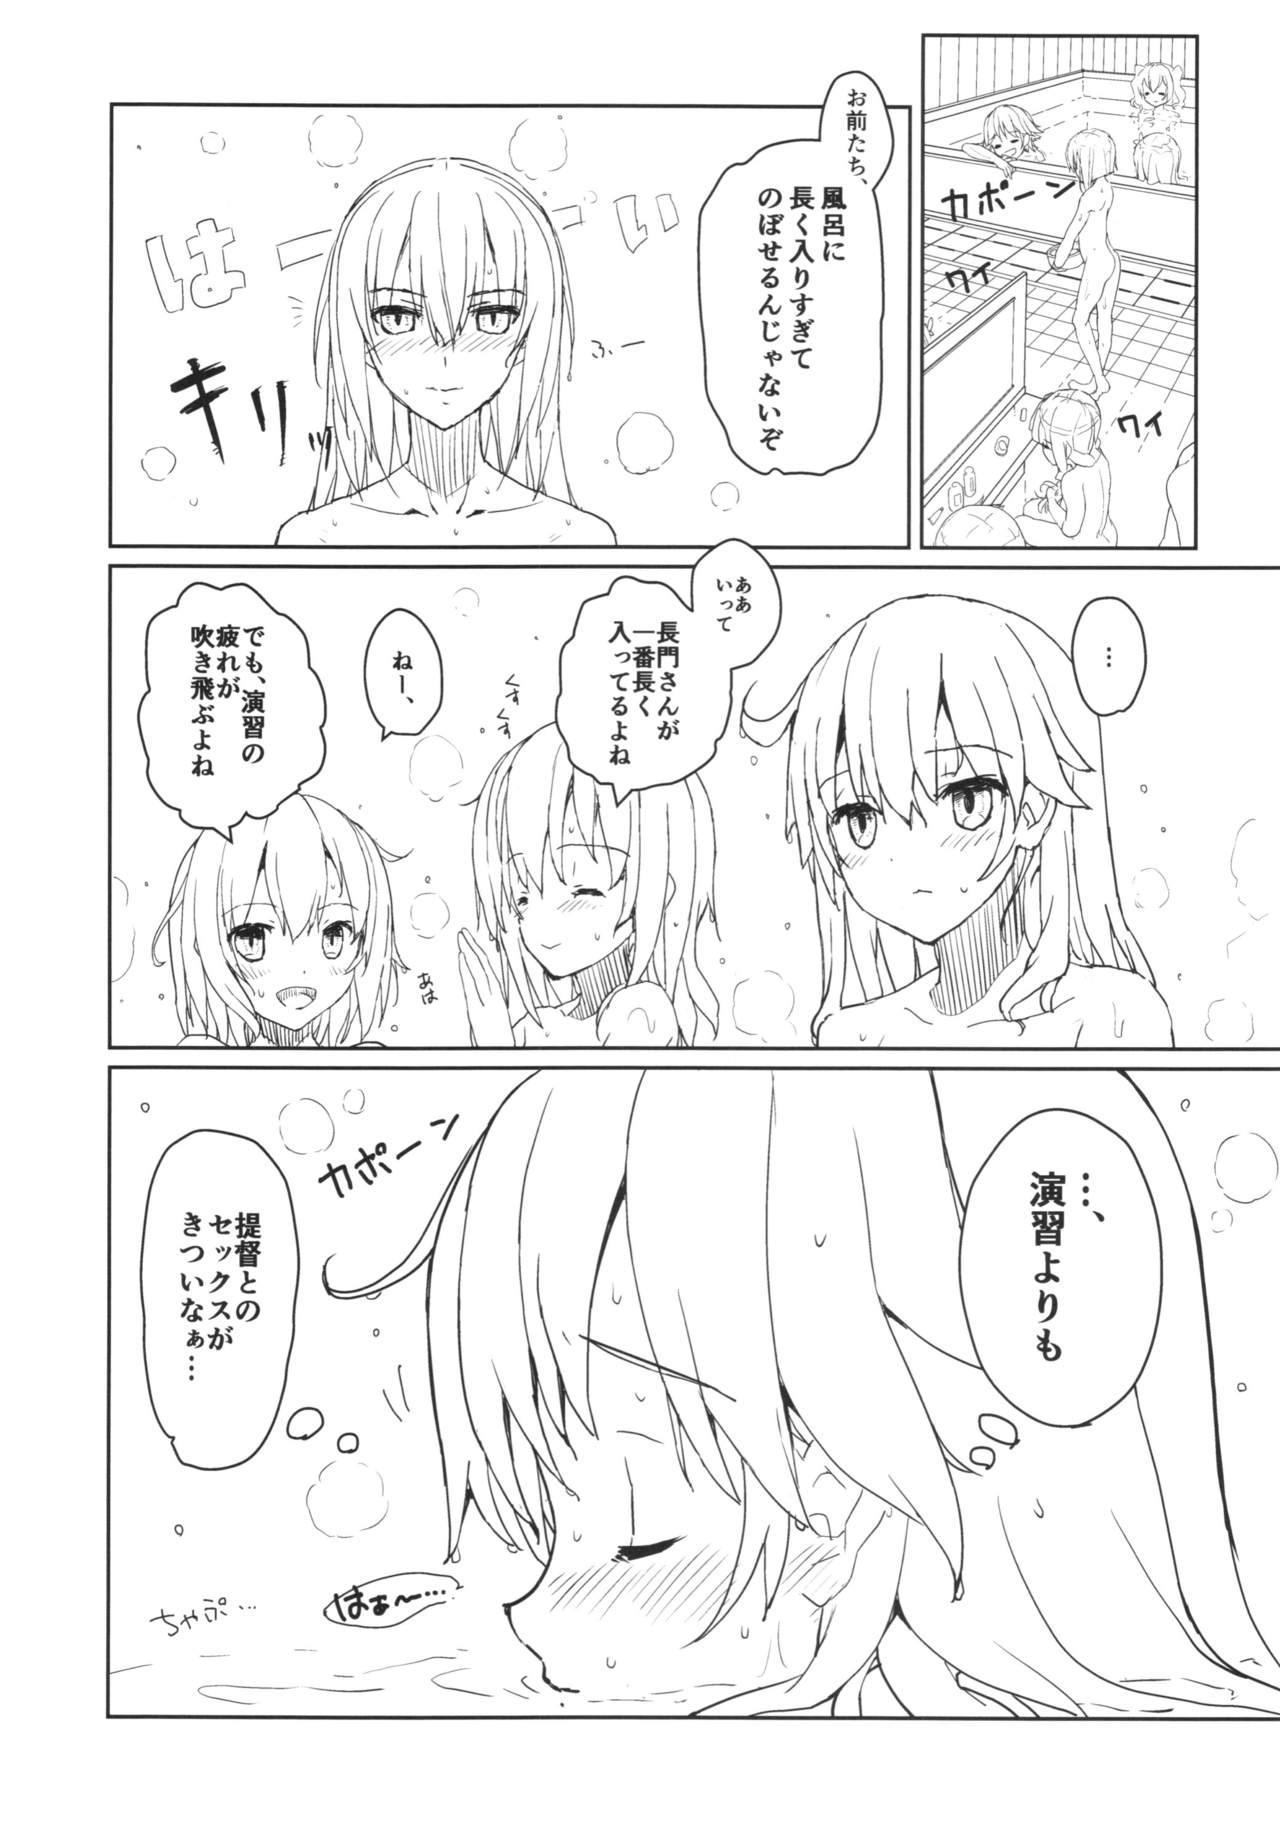 Ushio no Onsen Kuchikukan 6